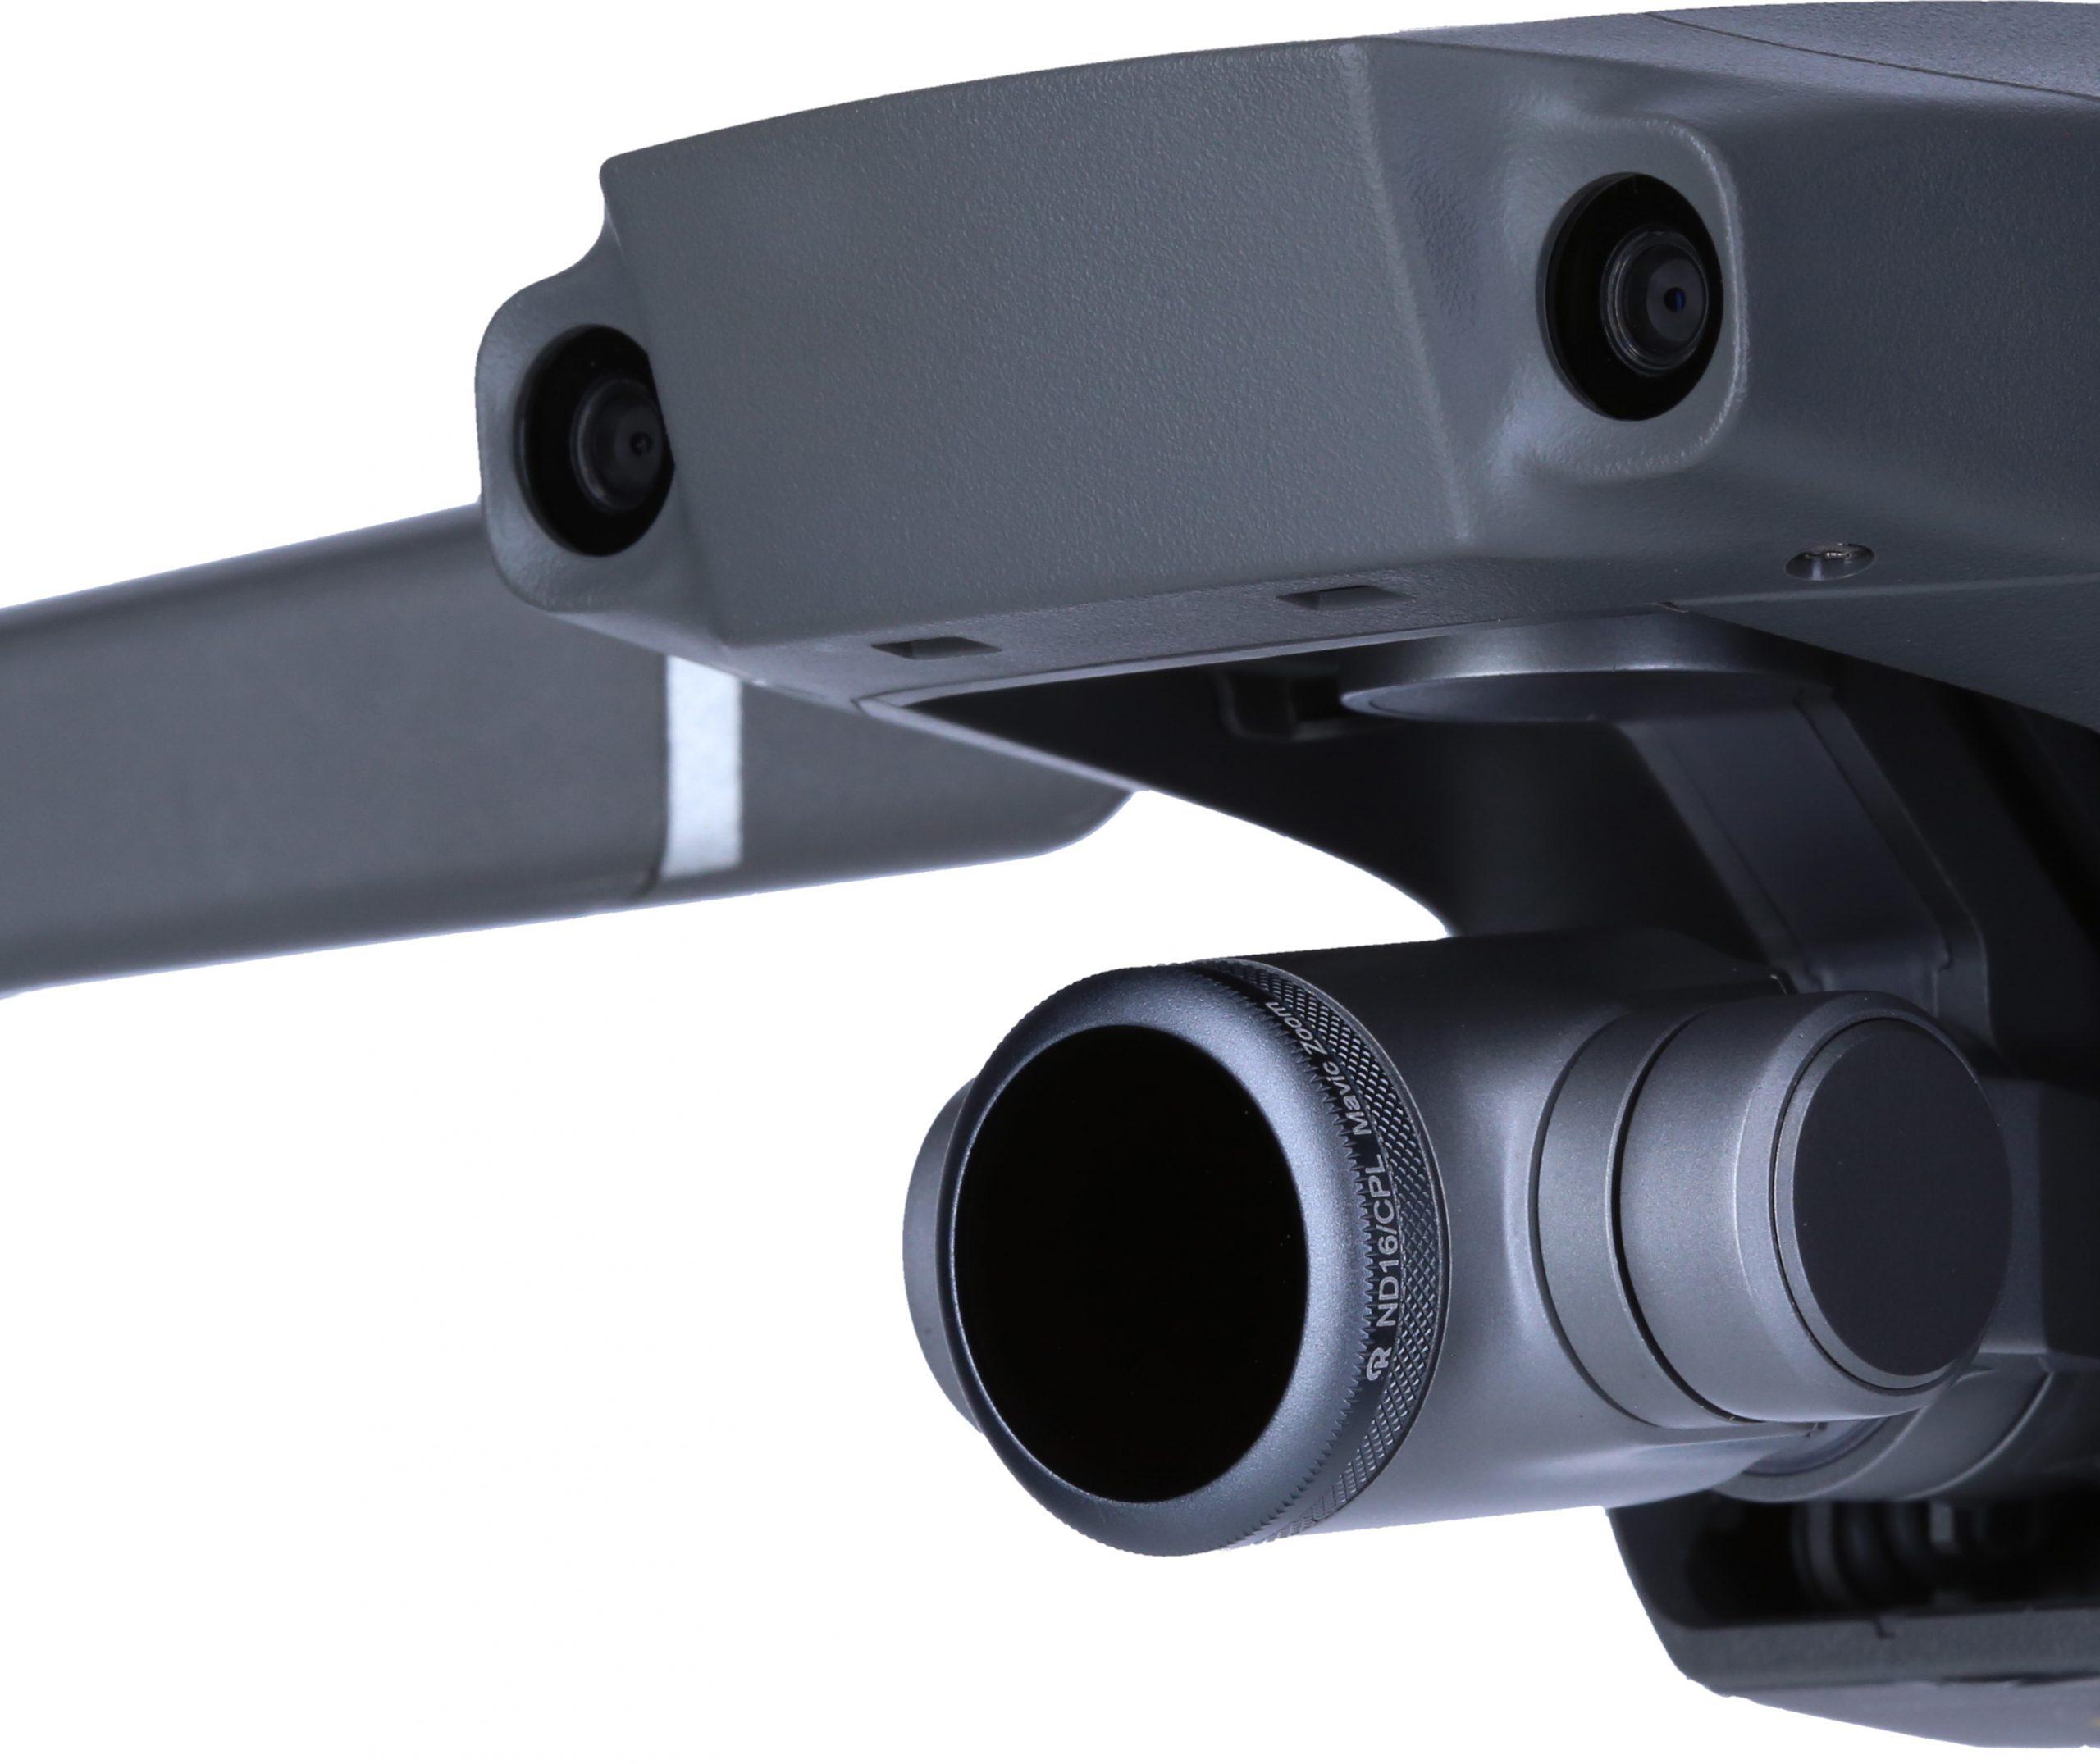 Die neuen Drohnenfilter von Rollei kommen in Form von je drei Filtersets für vier verschiedene Modelle des Herstellers DJI. Hier eine Drohnenkamera mit montiertem Filter.